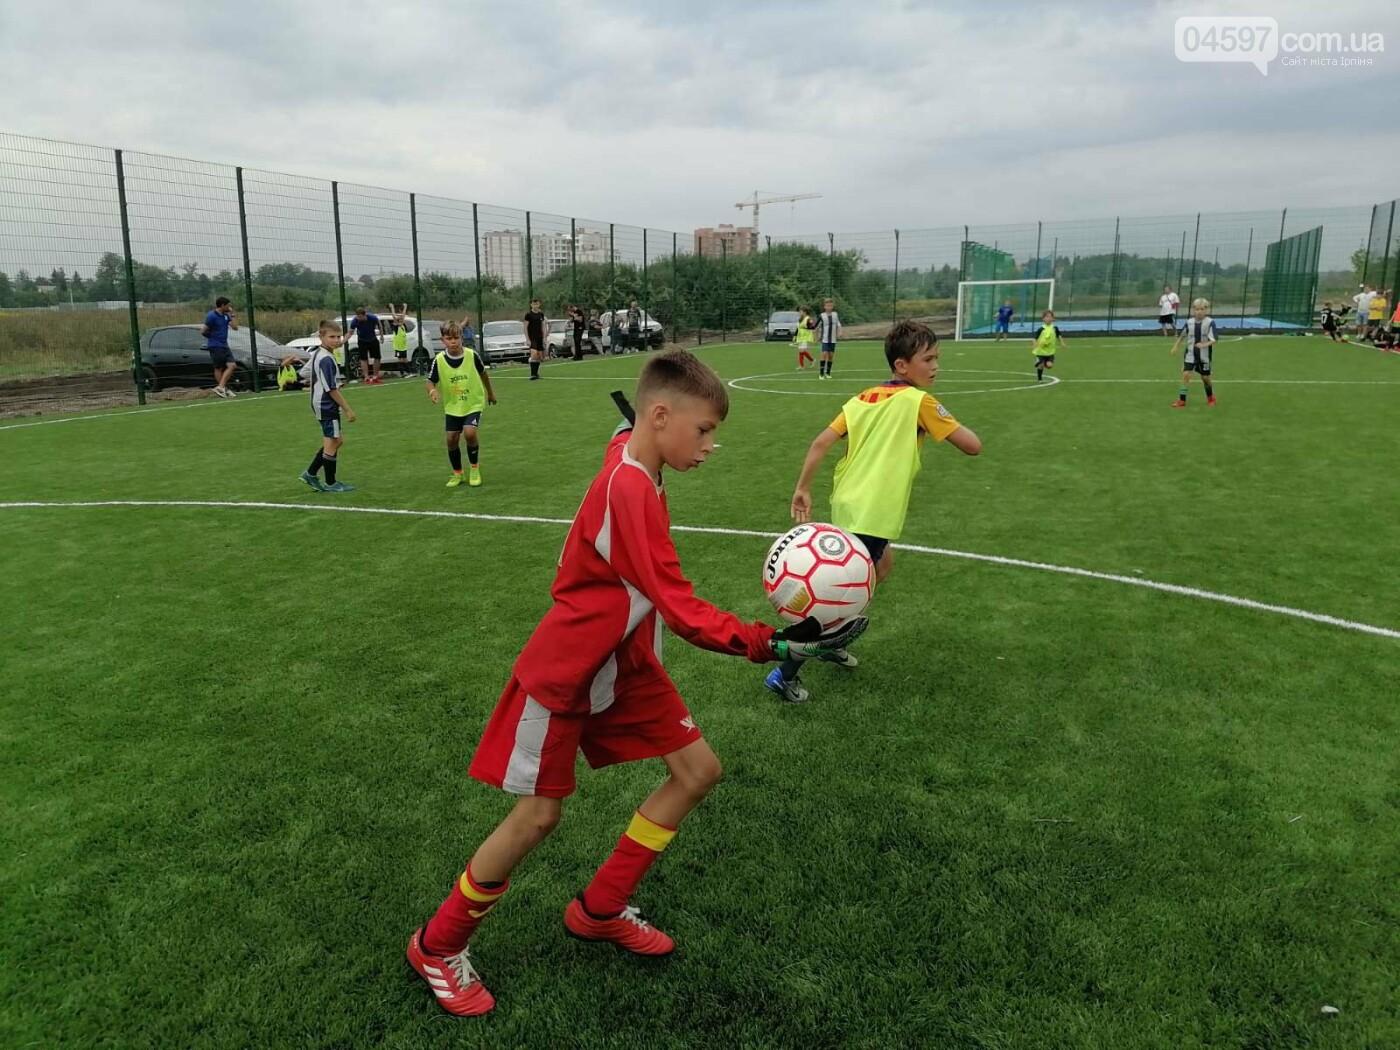 Спочатку діти: на новому полі в Ірпені пройшов чемпіонат з футболу, фото-2